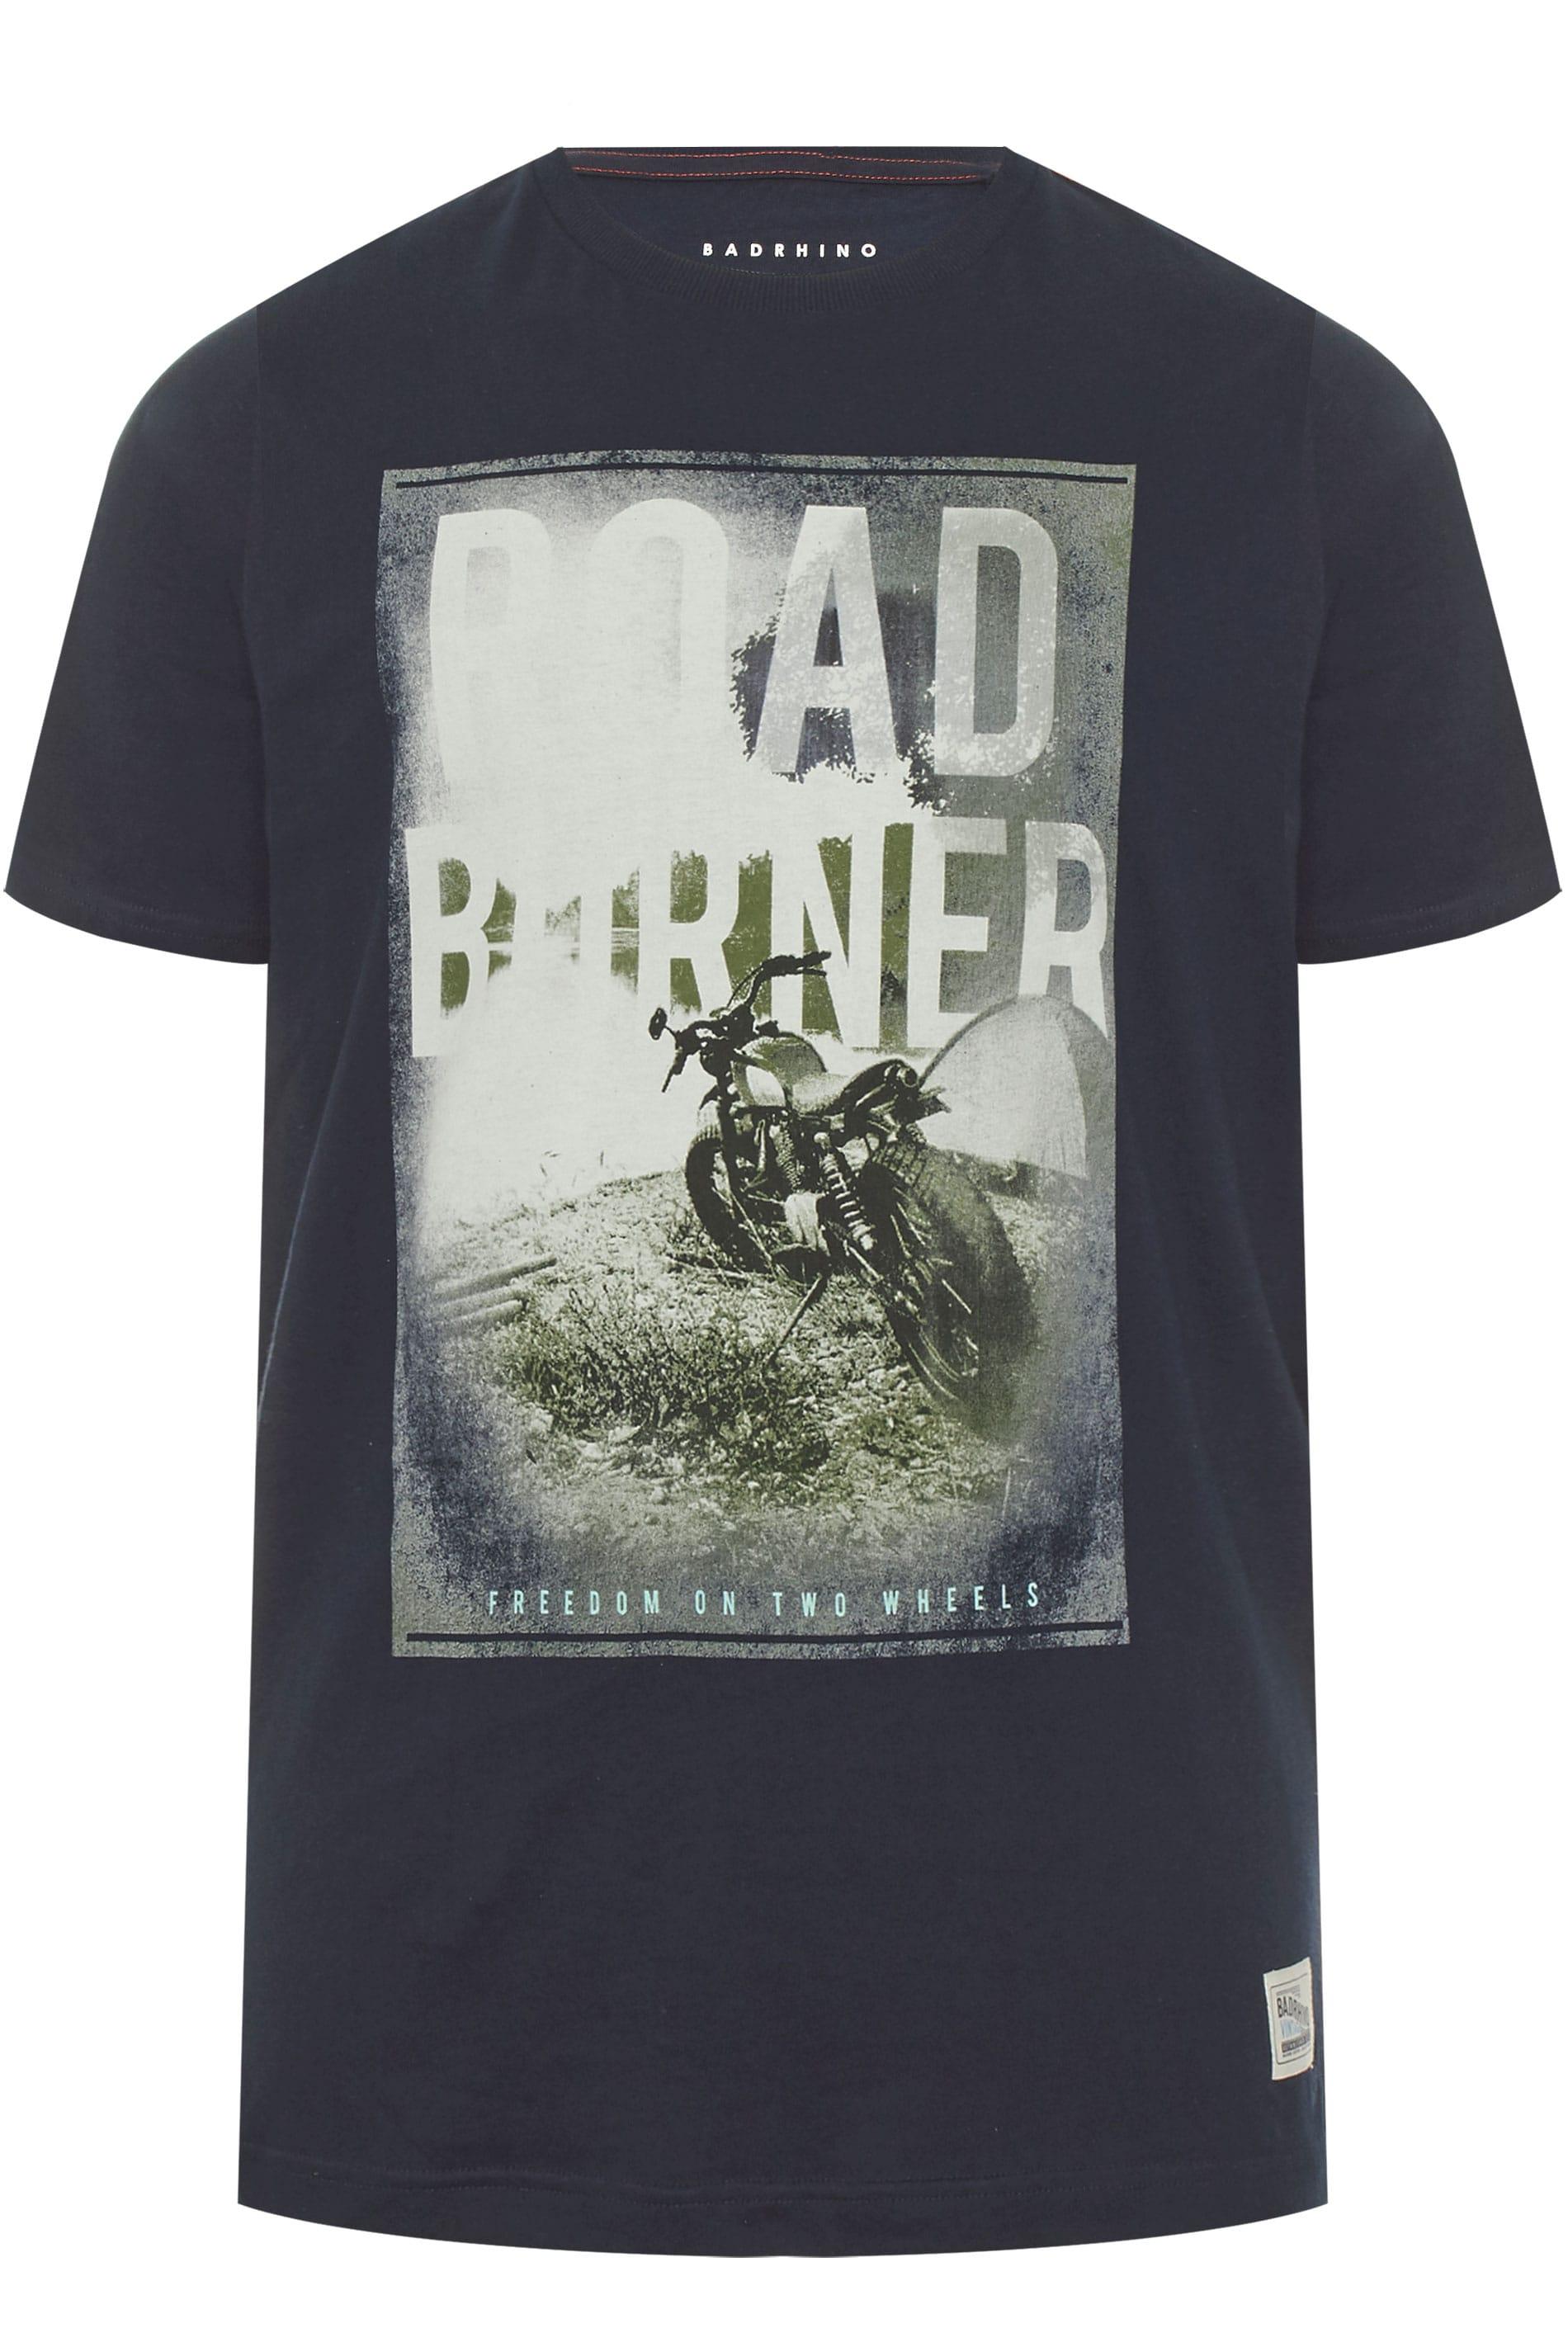 BadRhino Navy 'Road Burner' Graphic T-Shirt